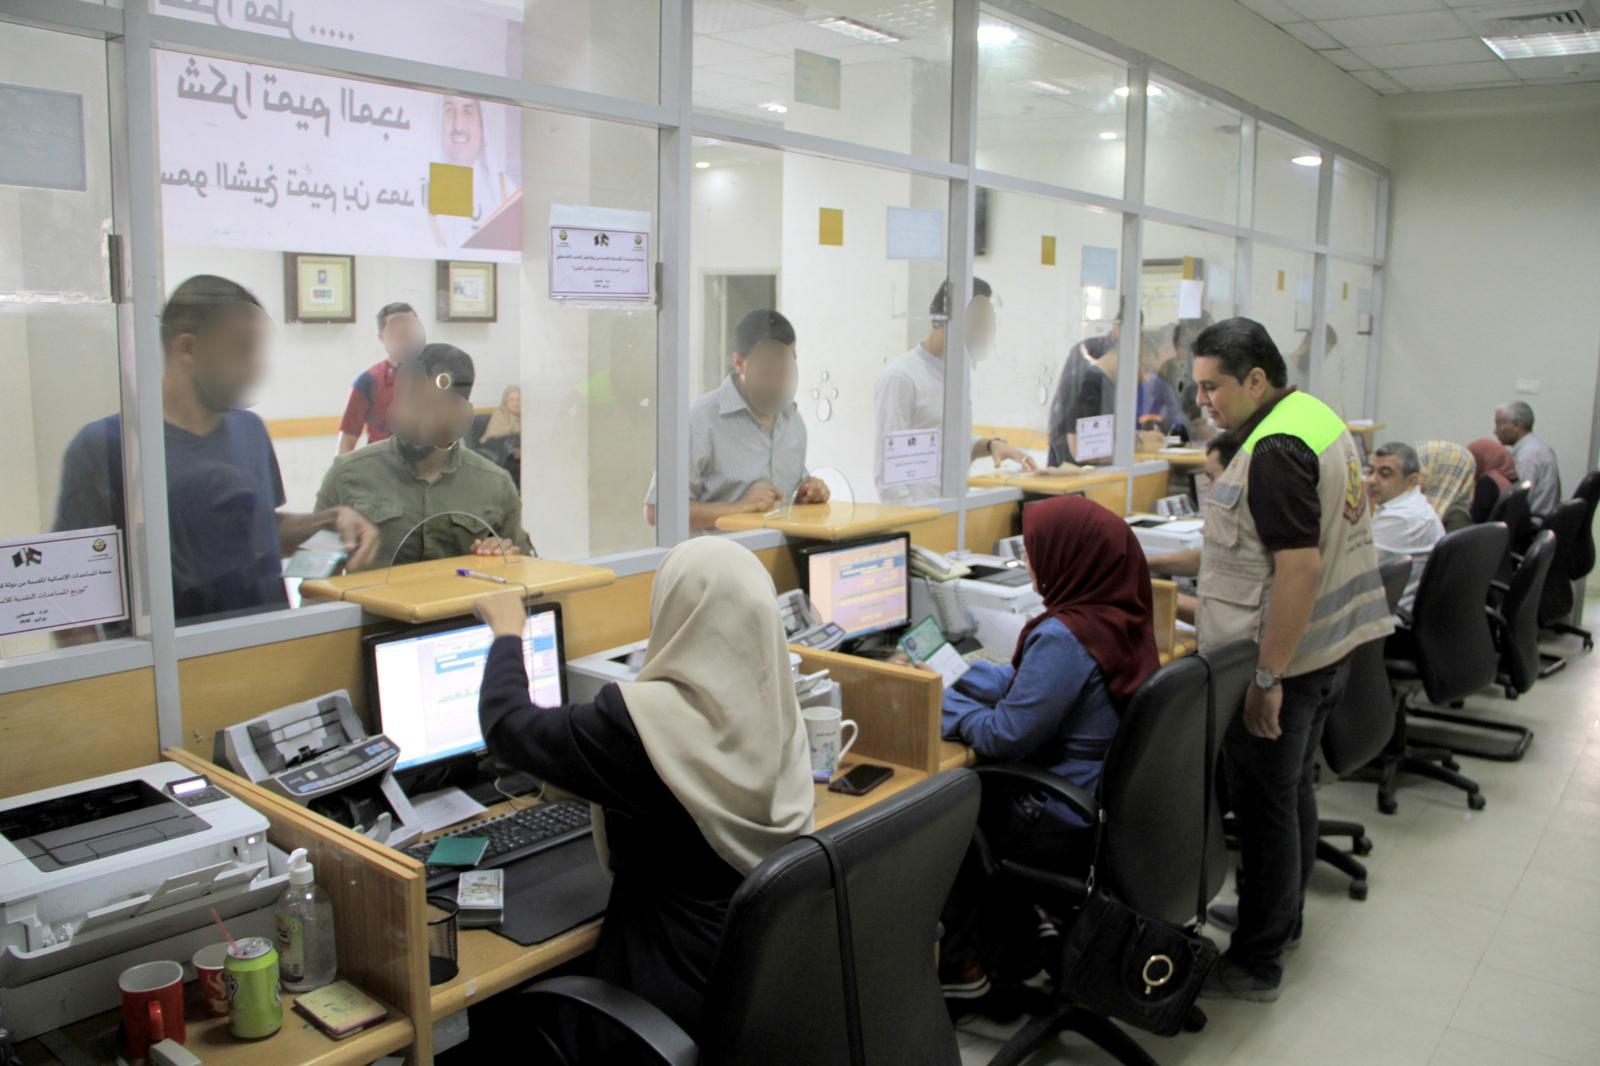 اللجنة القطرية لإعادة إعمار غزة تبدأ صرف منحتها المالية لـ100 ألف أسرة متعففة بالقطاع